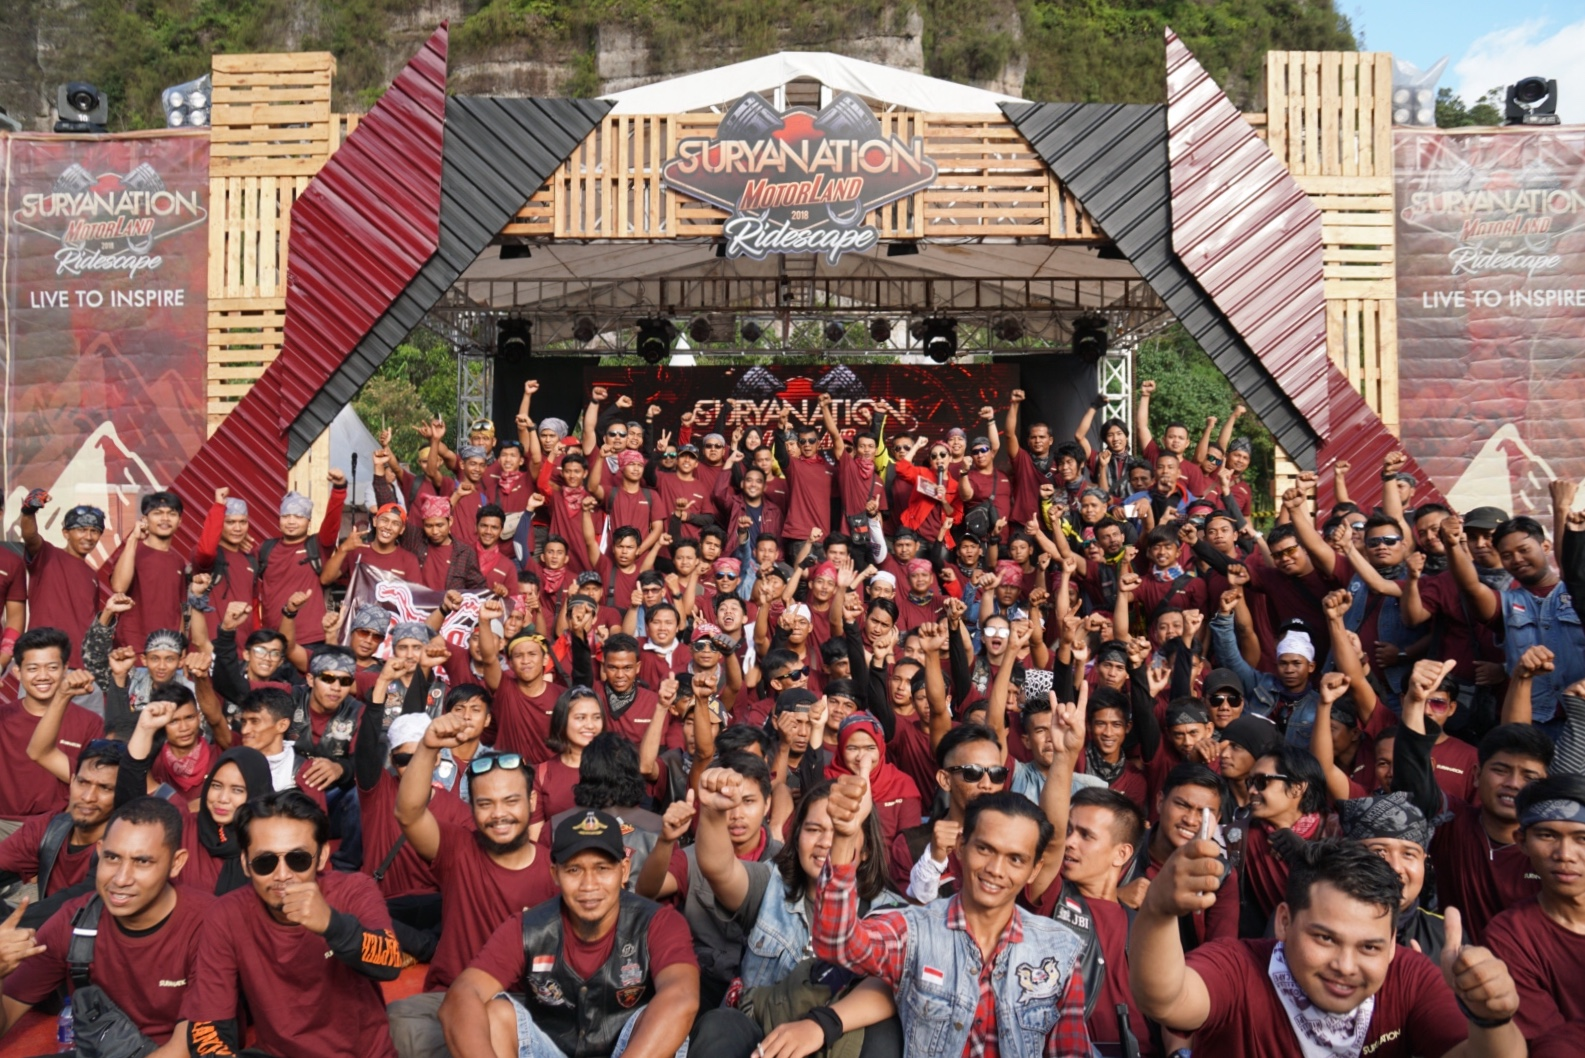 Sambut Kemerdekaan, Ribuan Bikers Padati Lembah Harau Kota Padang